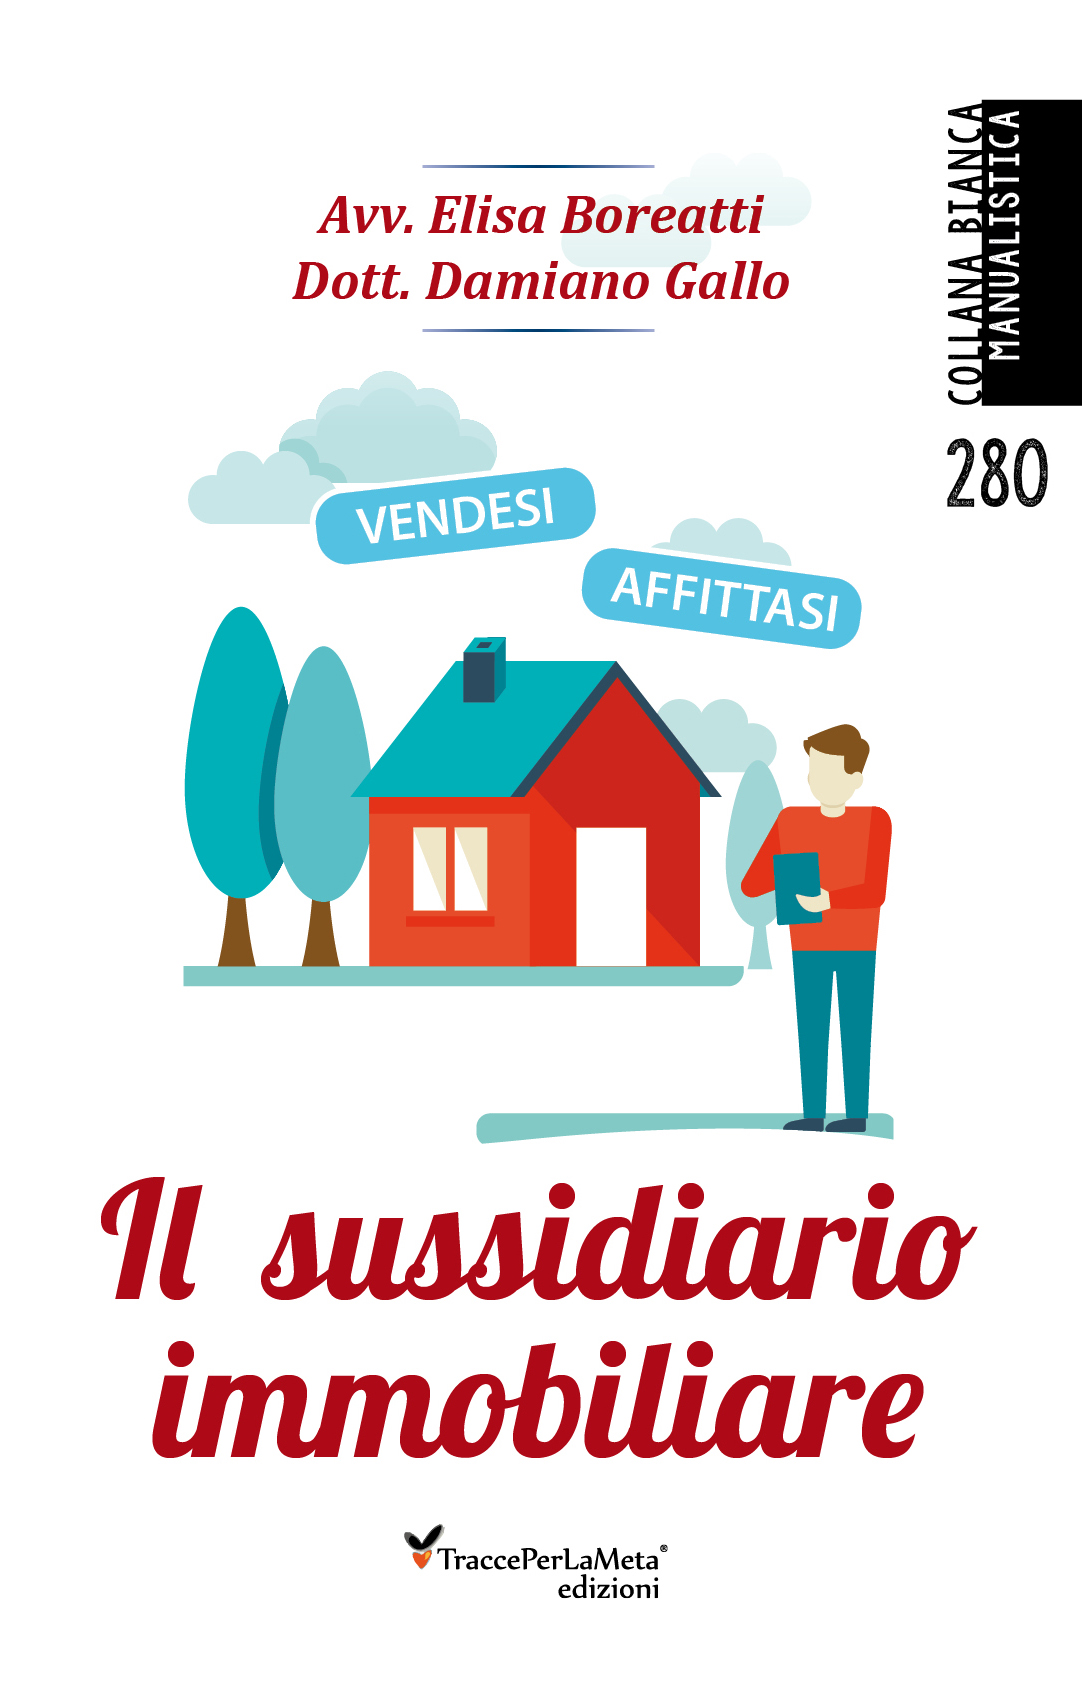 """È uscito il libro """"Il sussidiario immobiliare"""" di Avv. Elisa Boreatti e Dott. Damiano Gallo"""